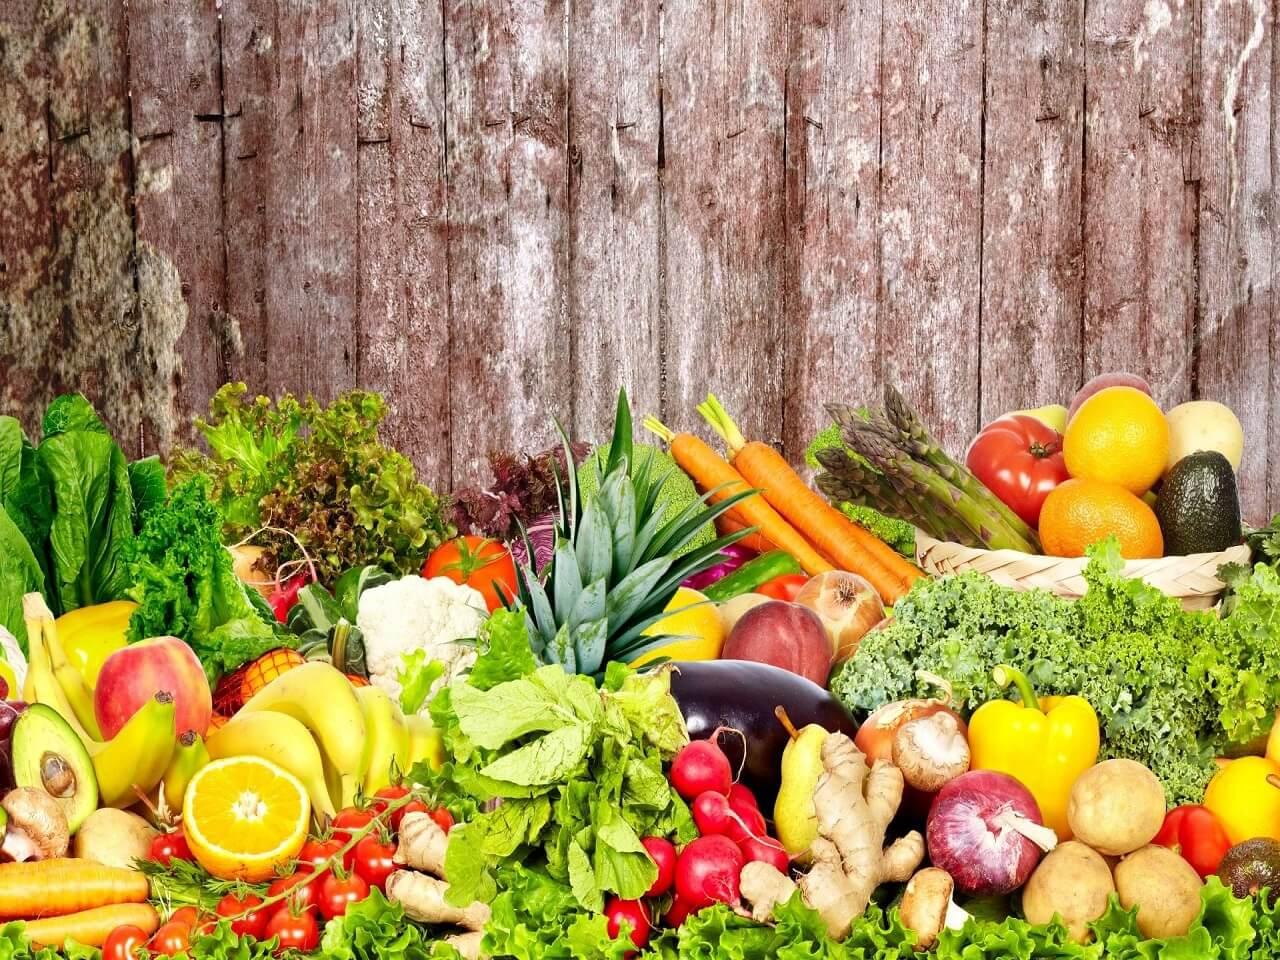 Suudi Arabistan Meyve ve Sebze İthalatına Yeni Kurallar Getirdi